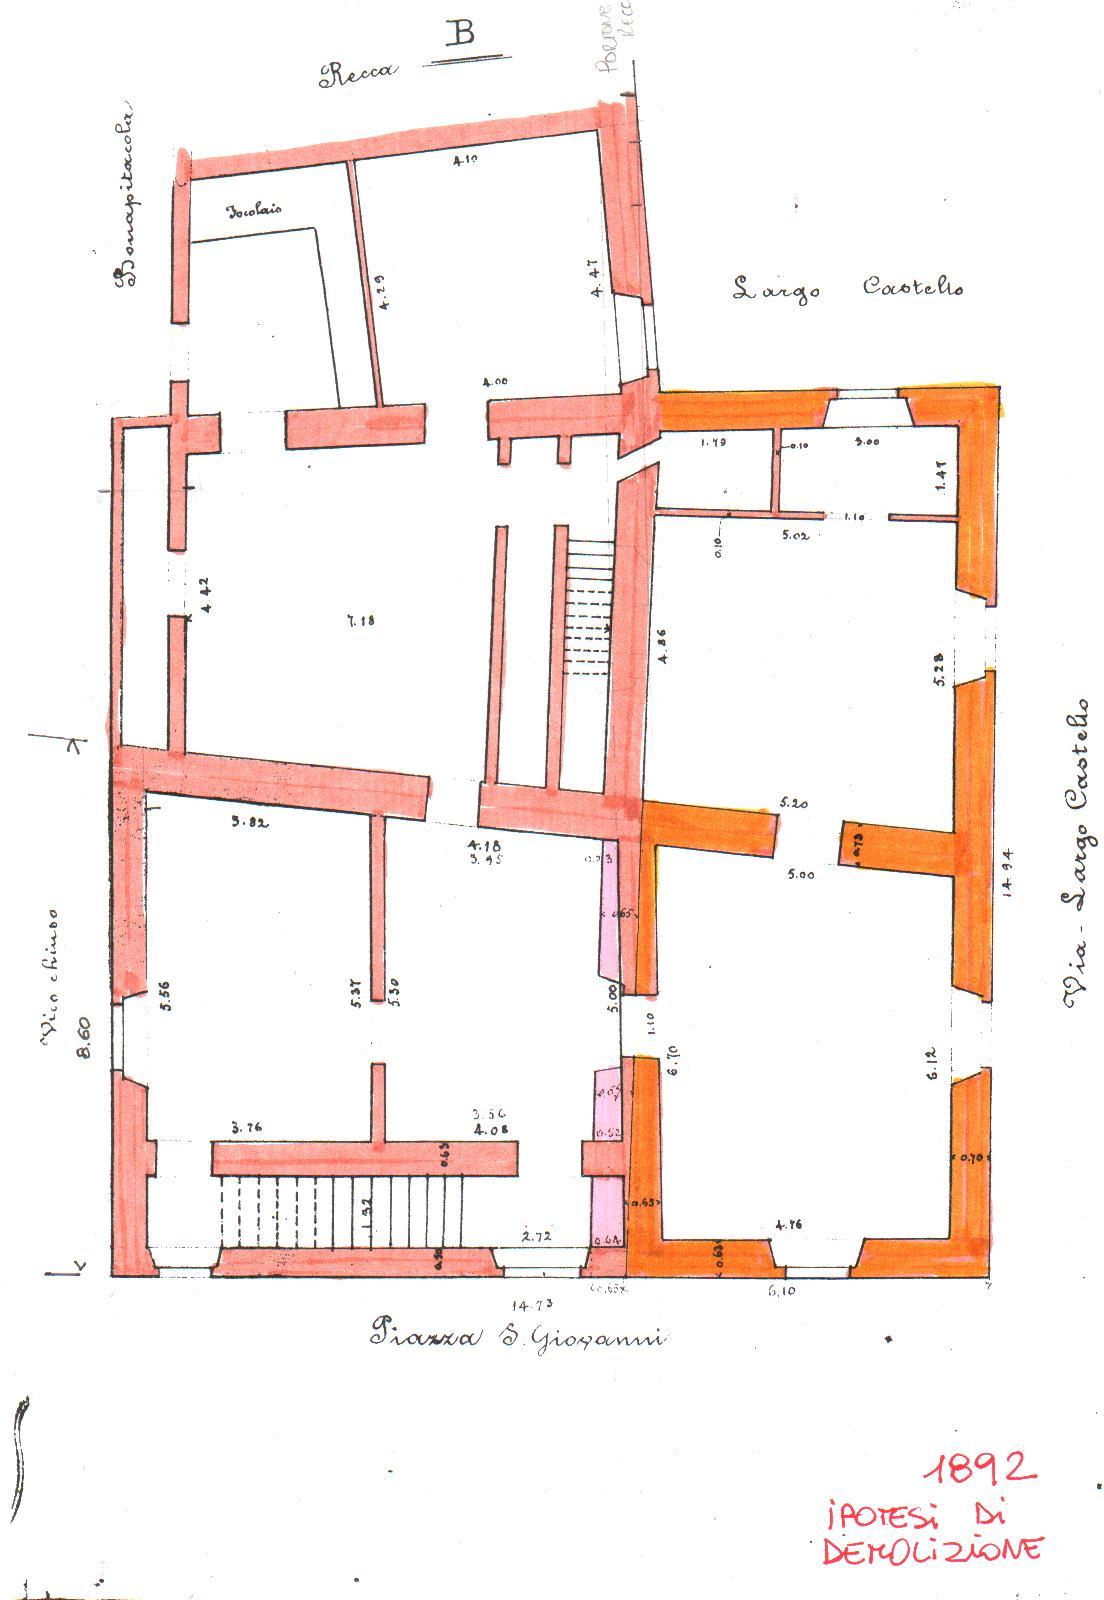 La bottega del disordine il castello di san severo for Progettista del piano di casa